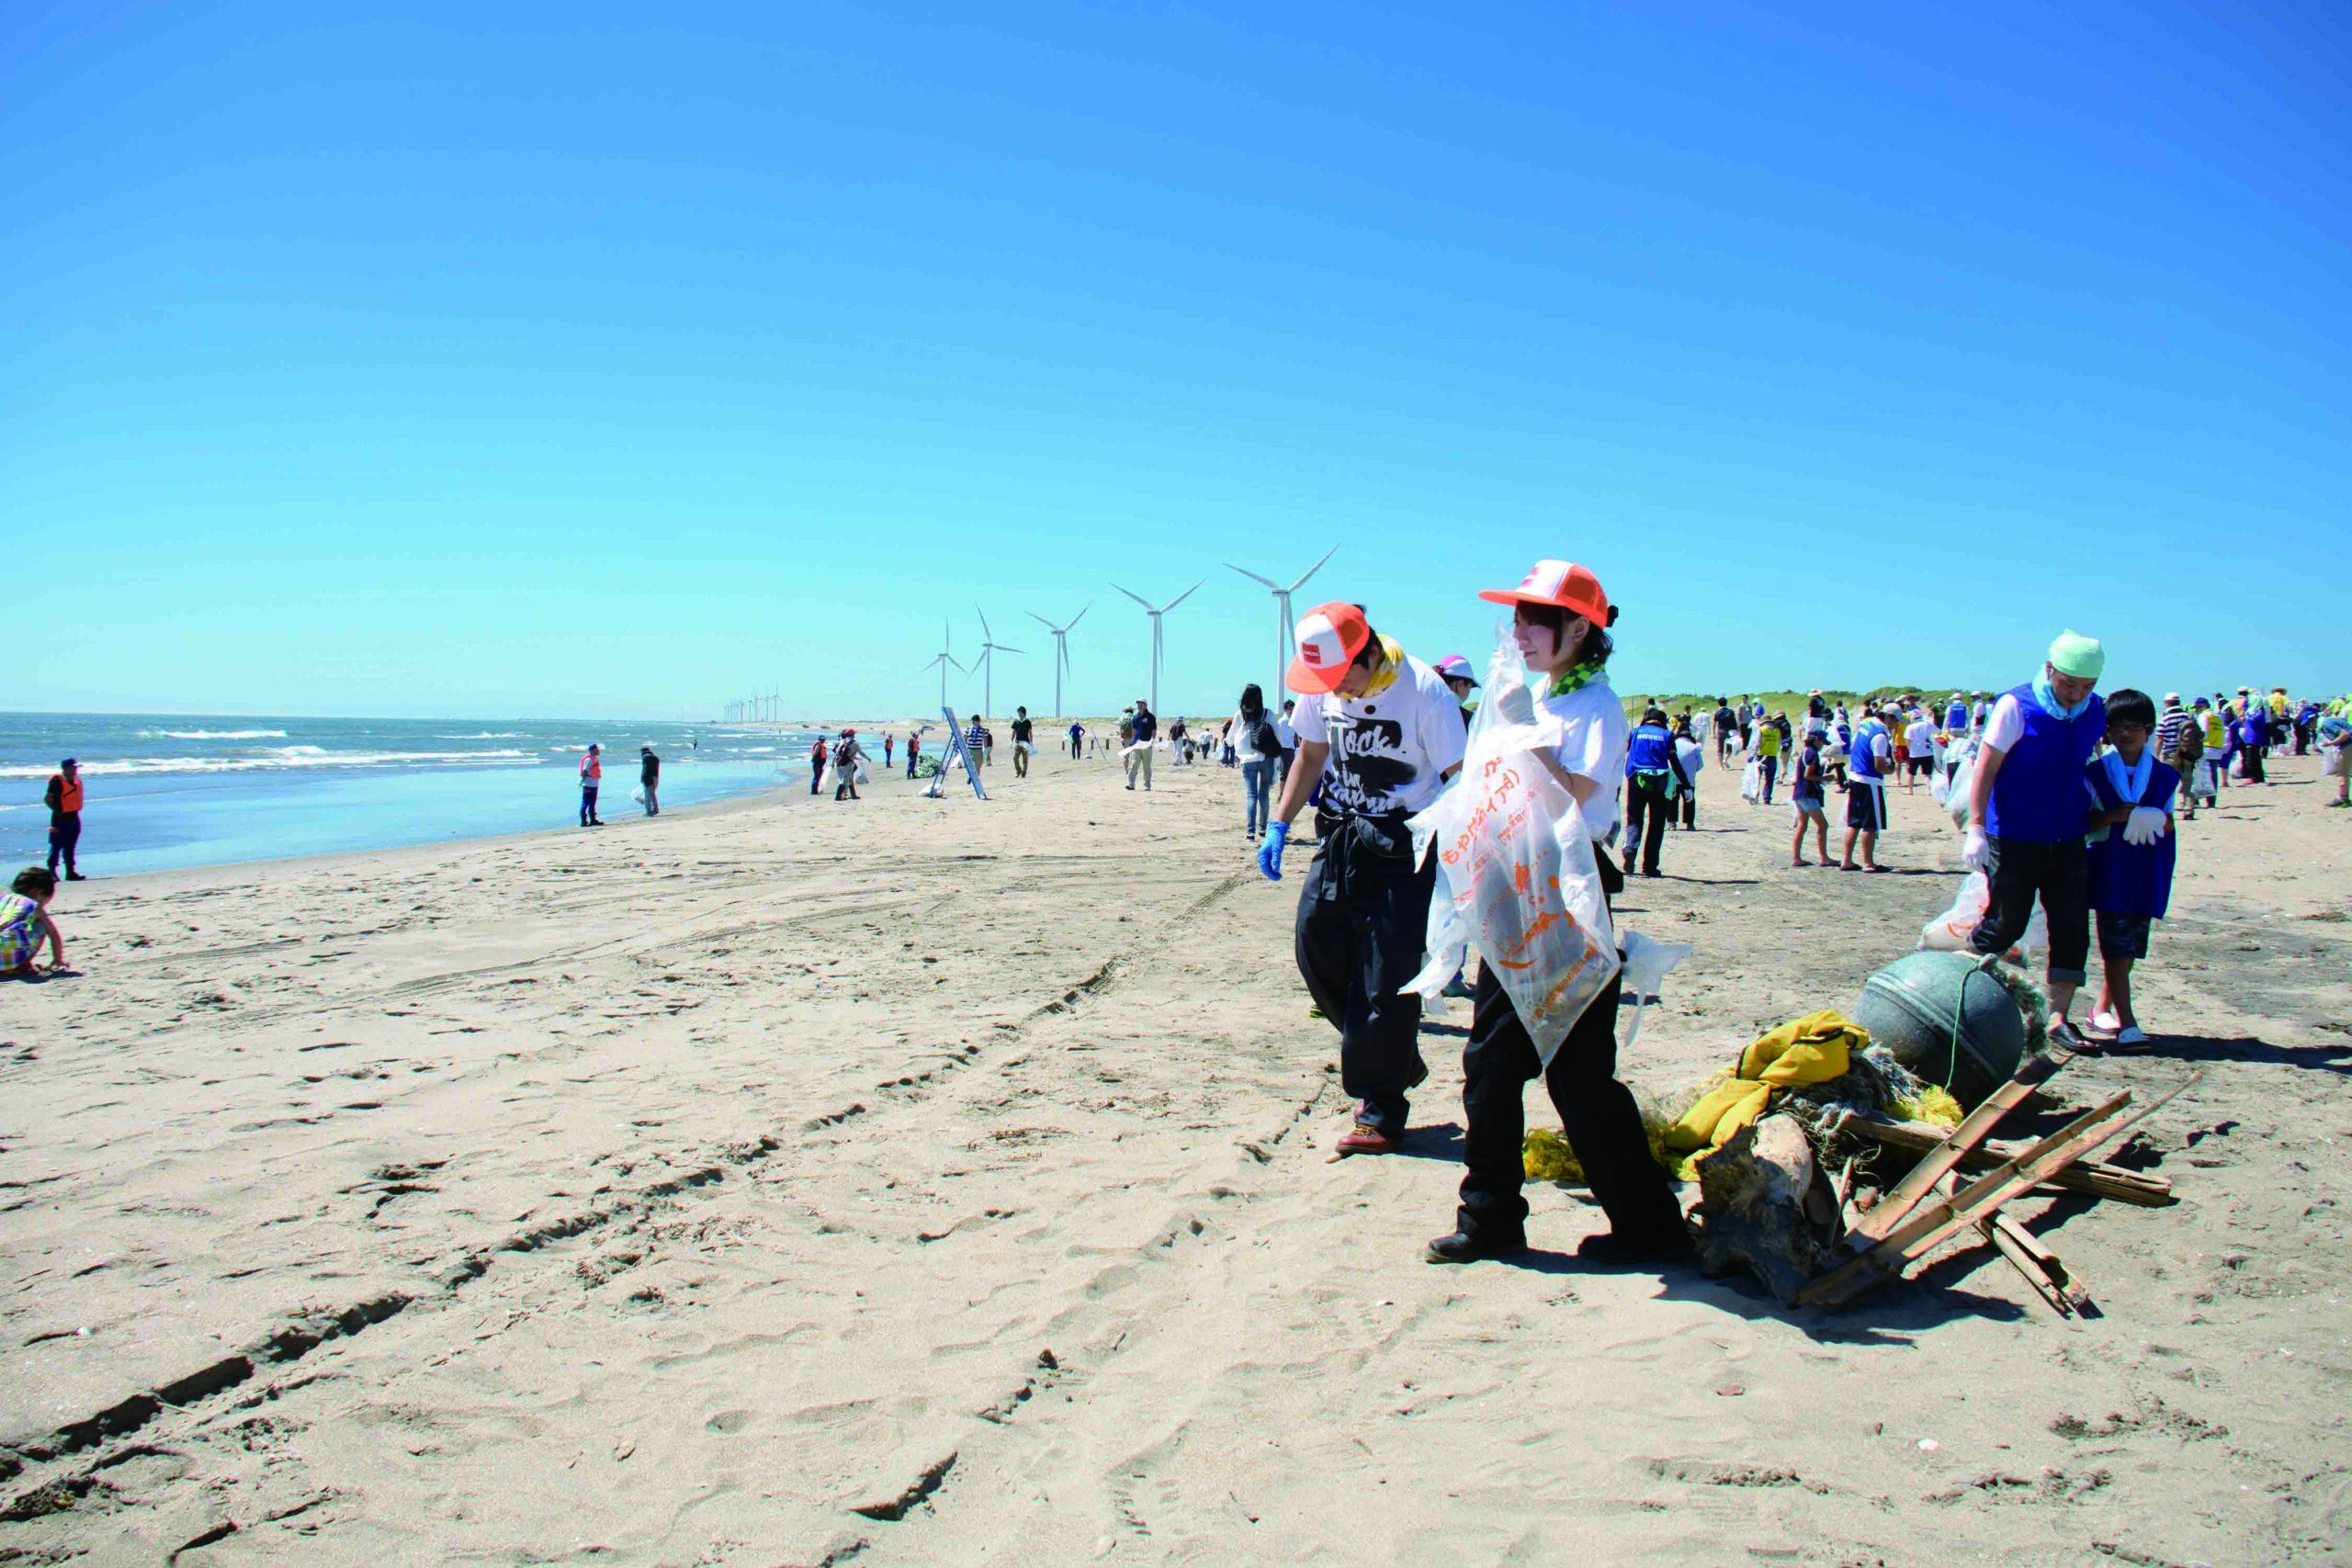 海岸清掃をしている様子